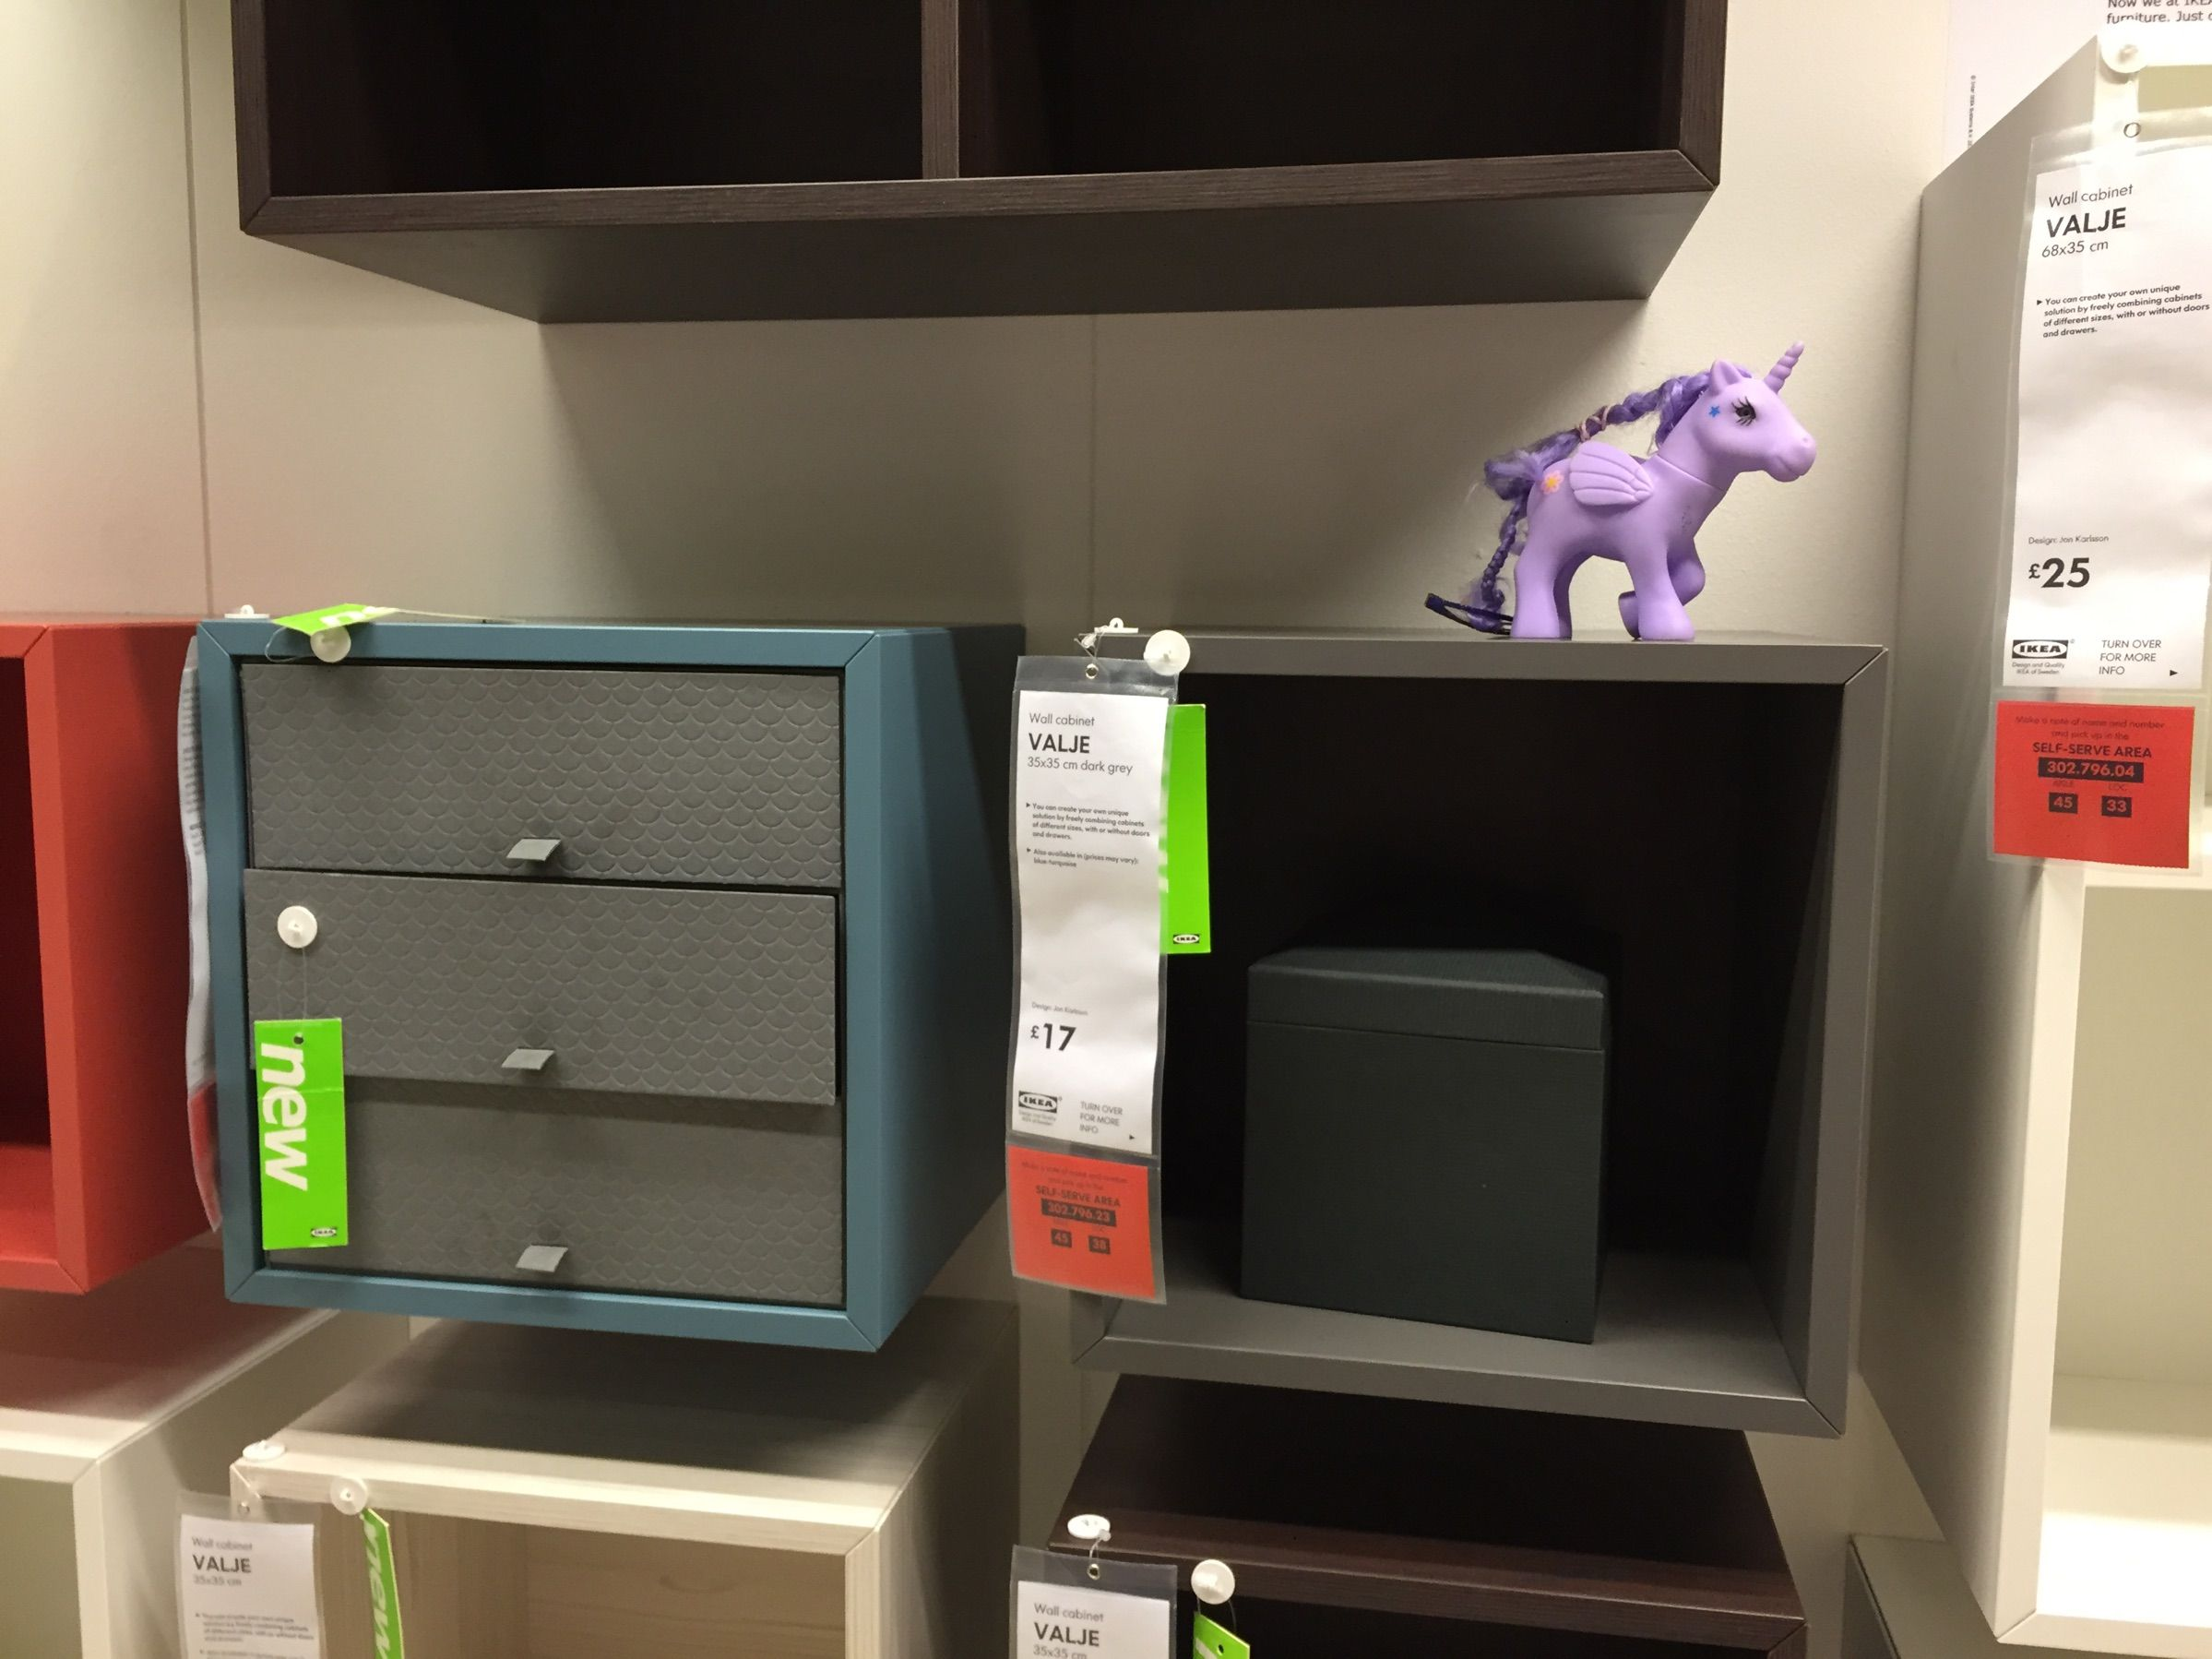 Ikea Valje Wall Units Locker storage, Wall unit, Ikea